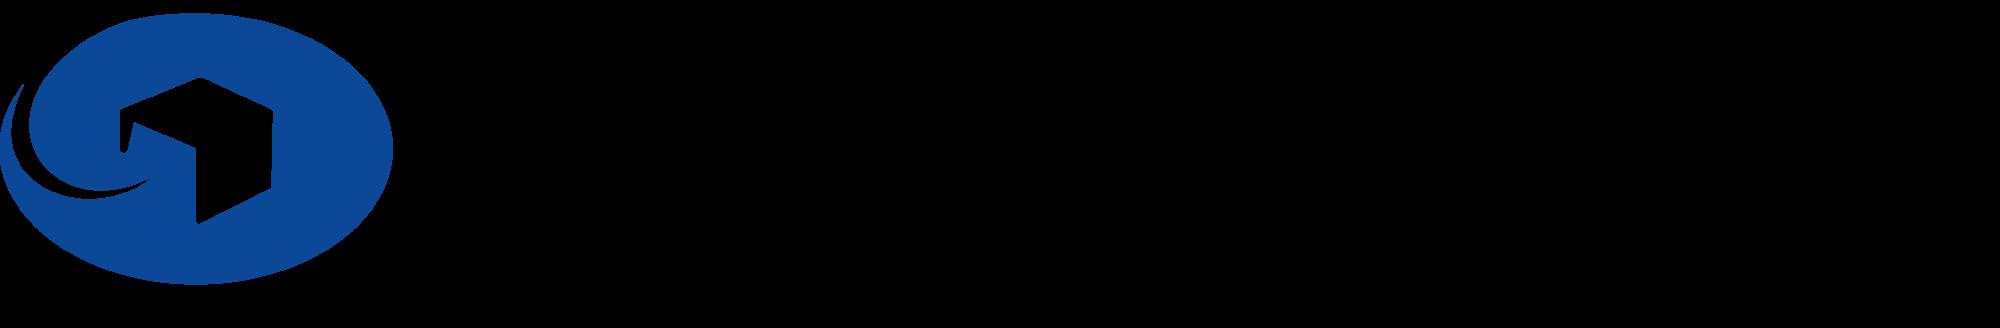 Symetrix_横.png